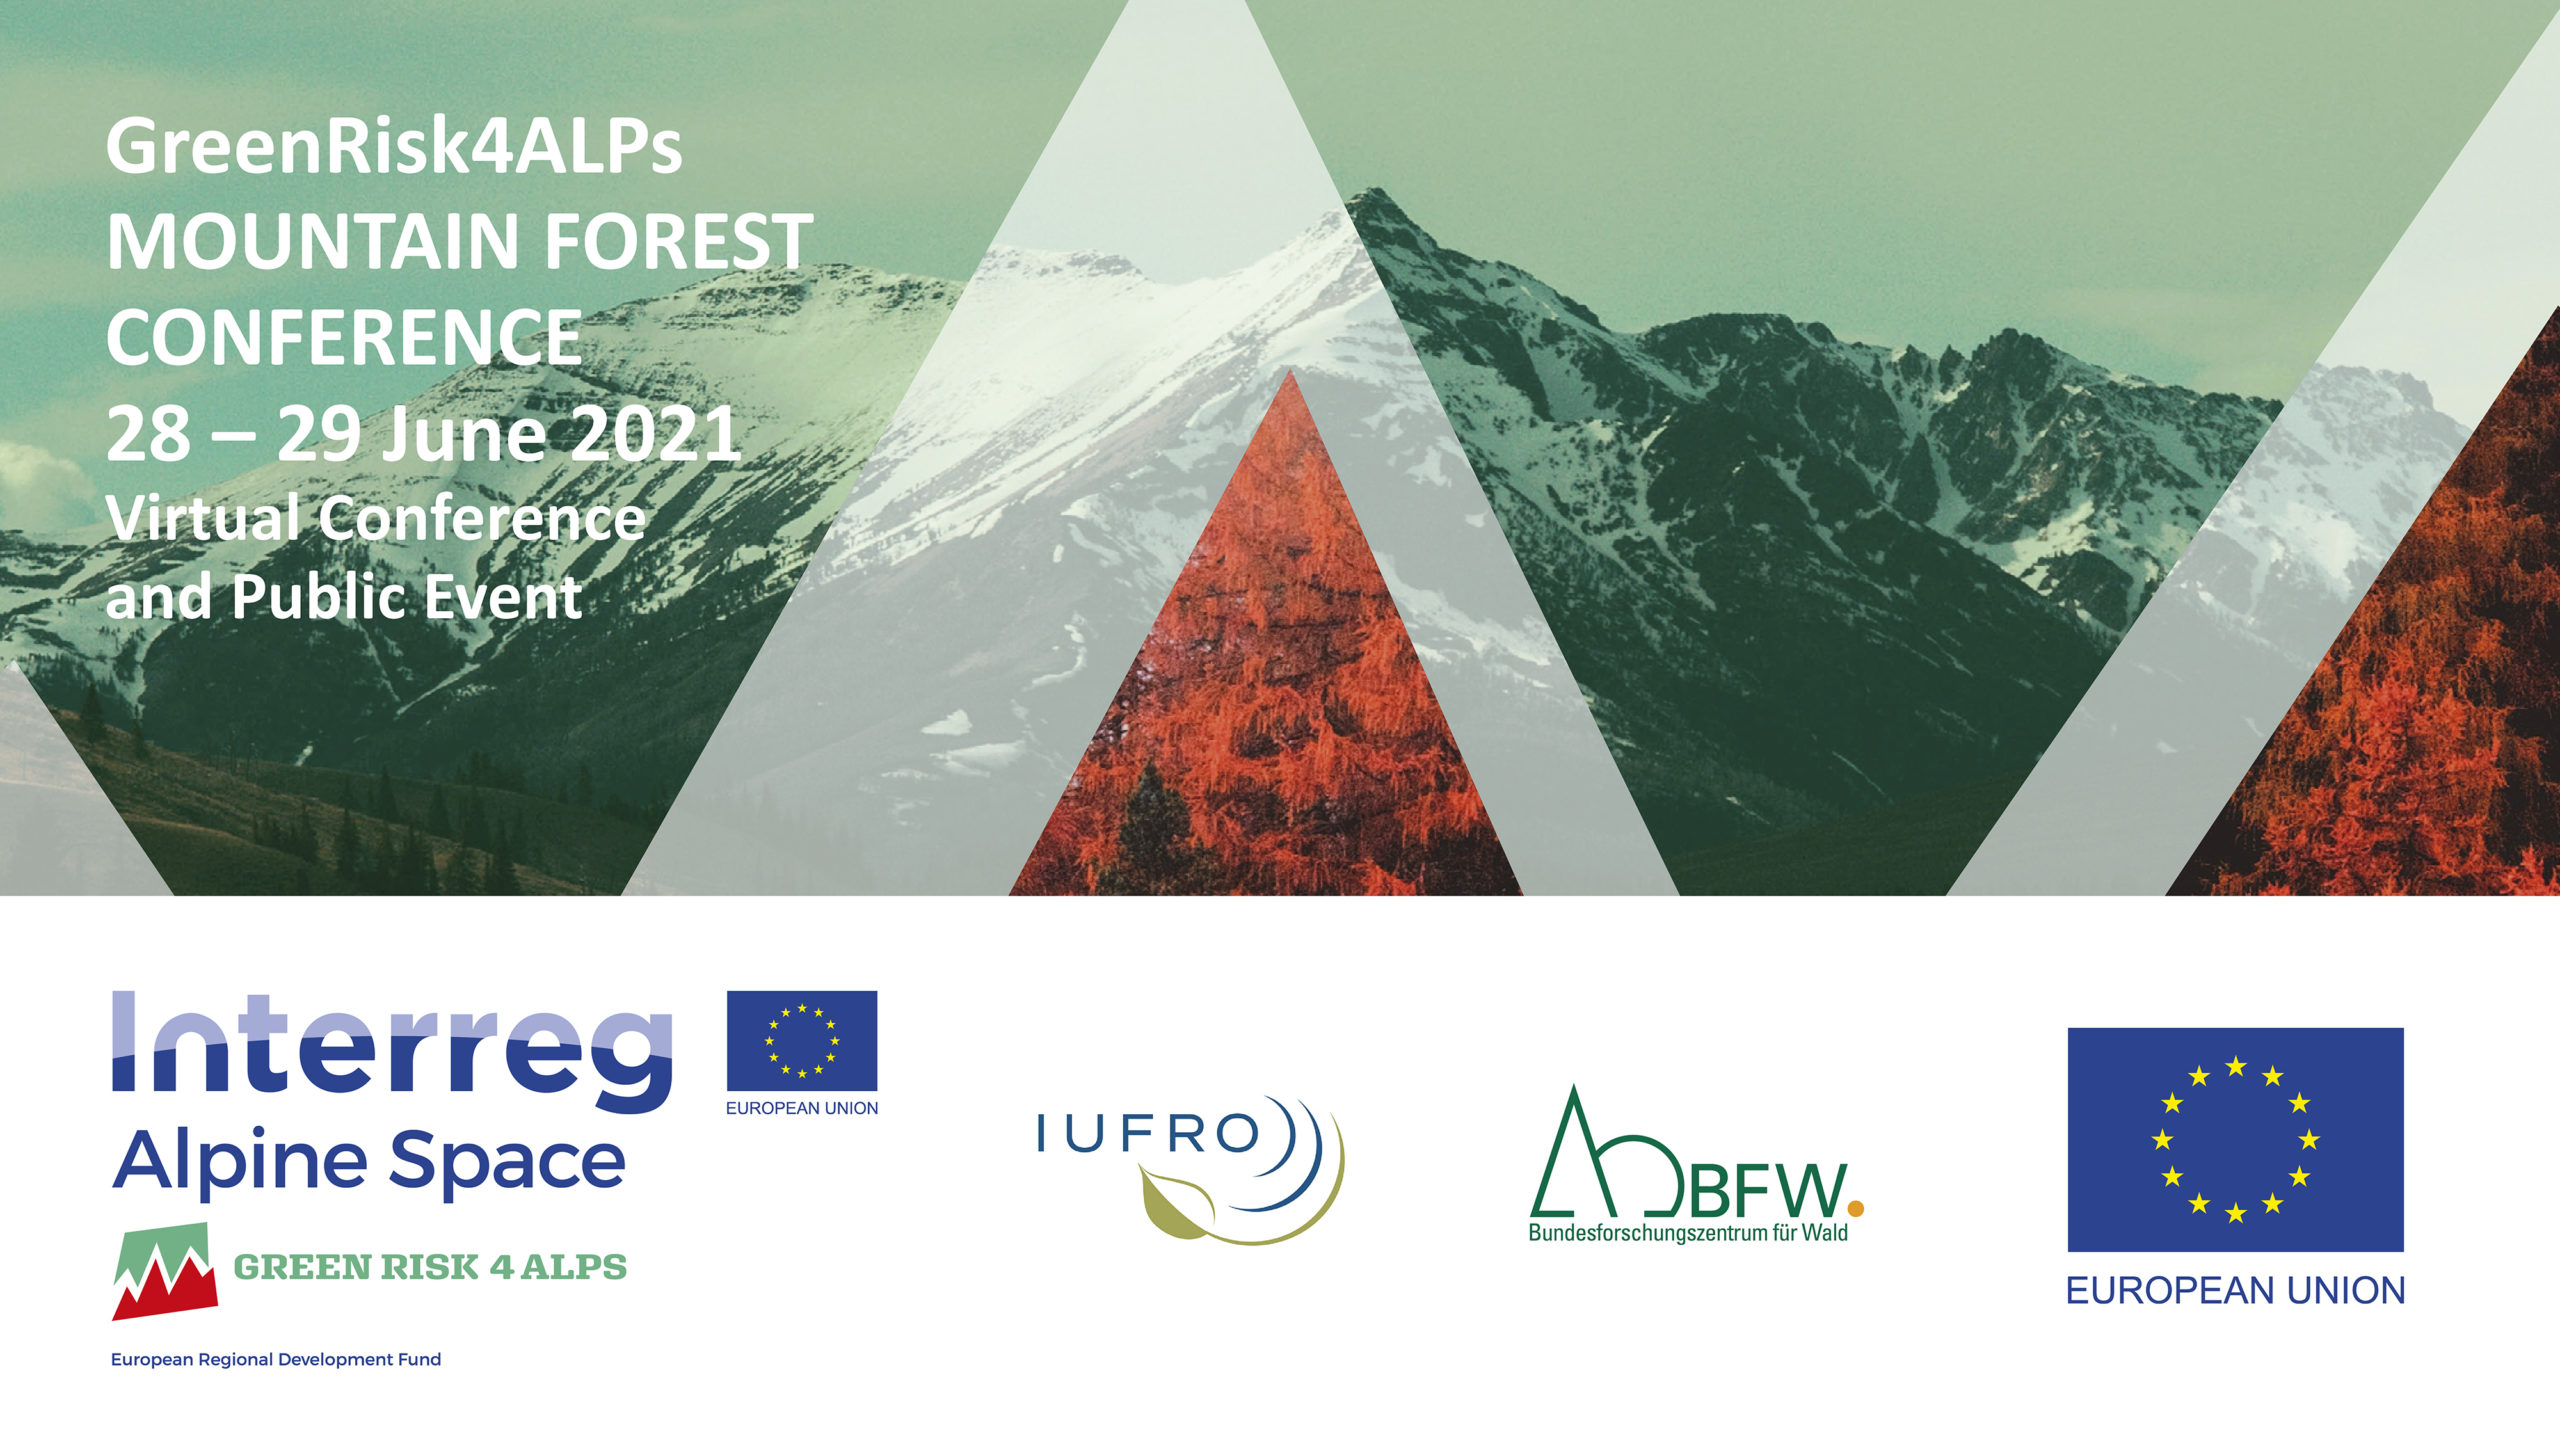 Bundesforschungszentrum für Wald (BFW)